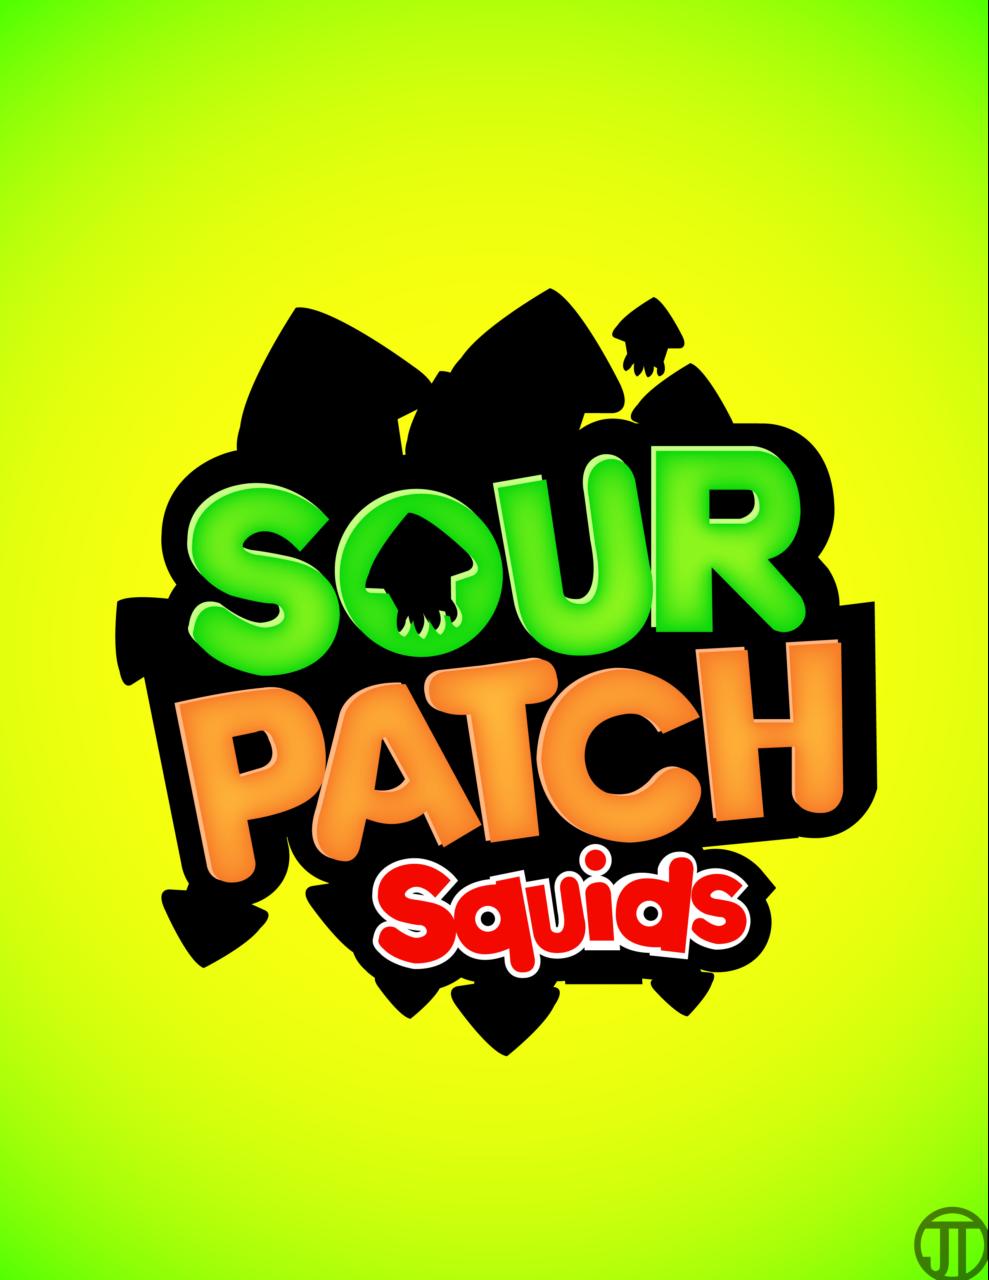 Sour Patch Squids